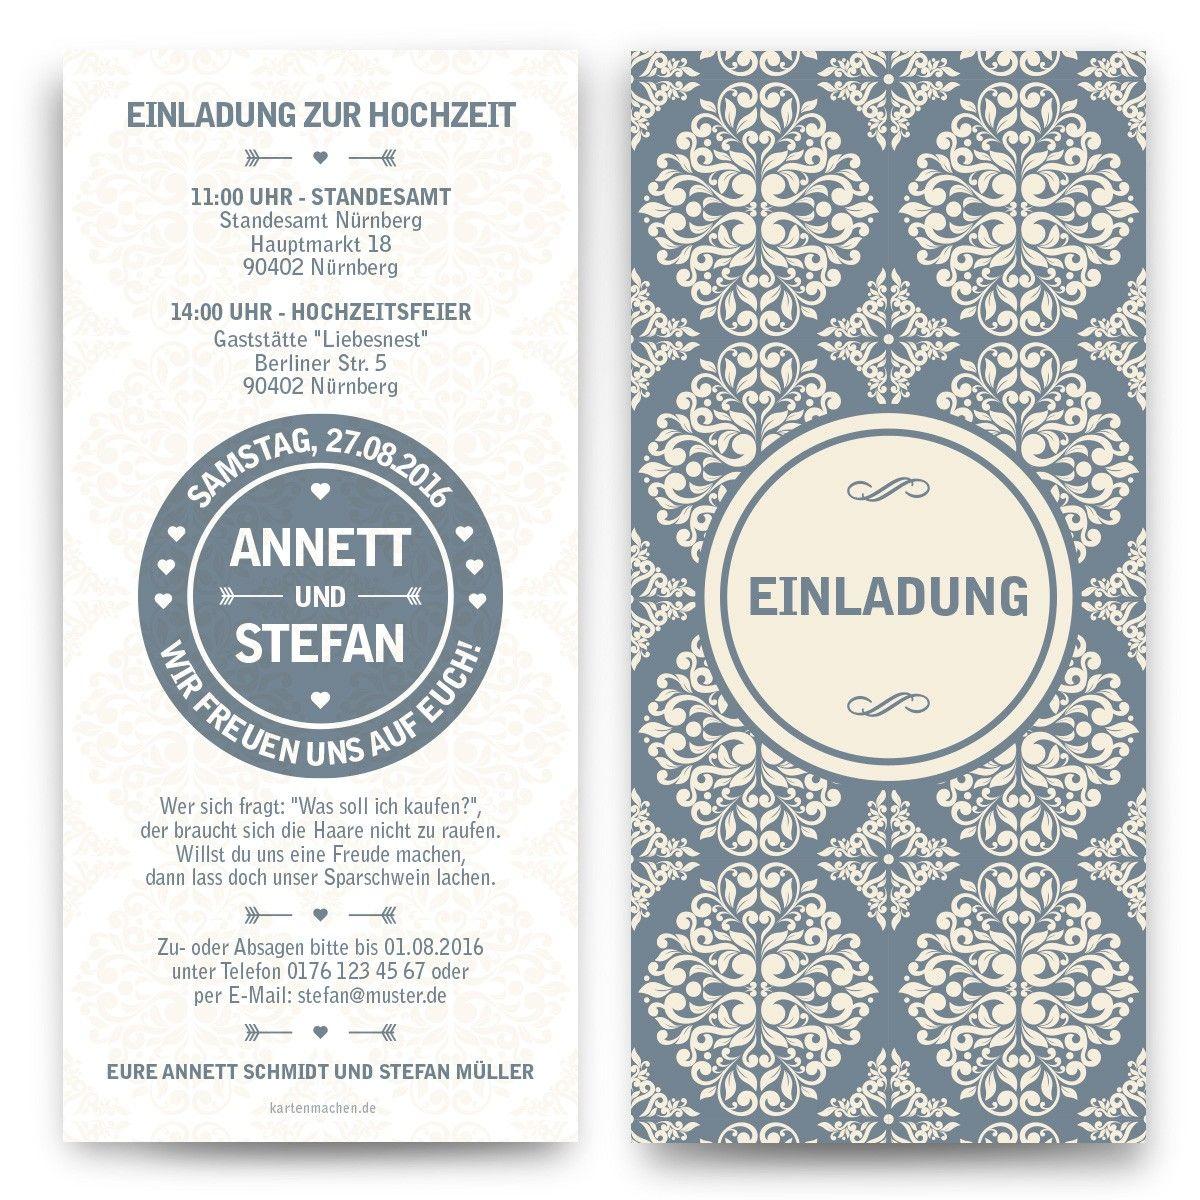 Ornamentale #Hochzeitseinladung U003c3 #hochzeit #ornament #ornamente #heiraten  #design #einladung #einladen #feier